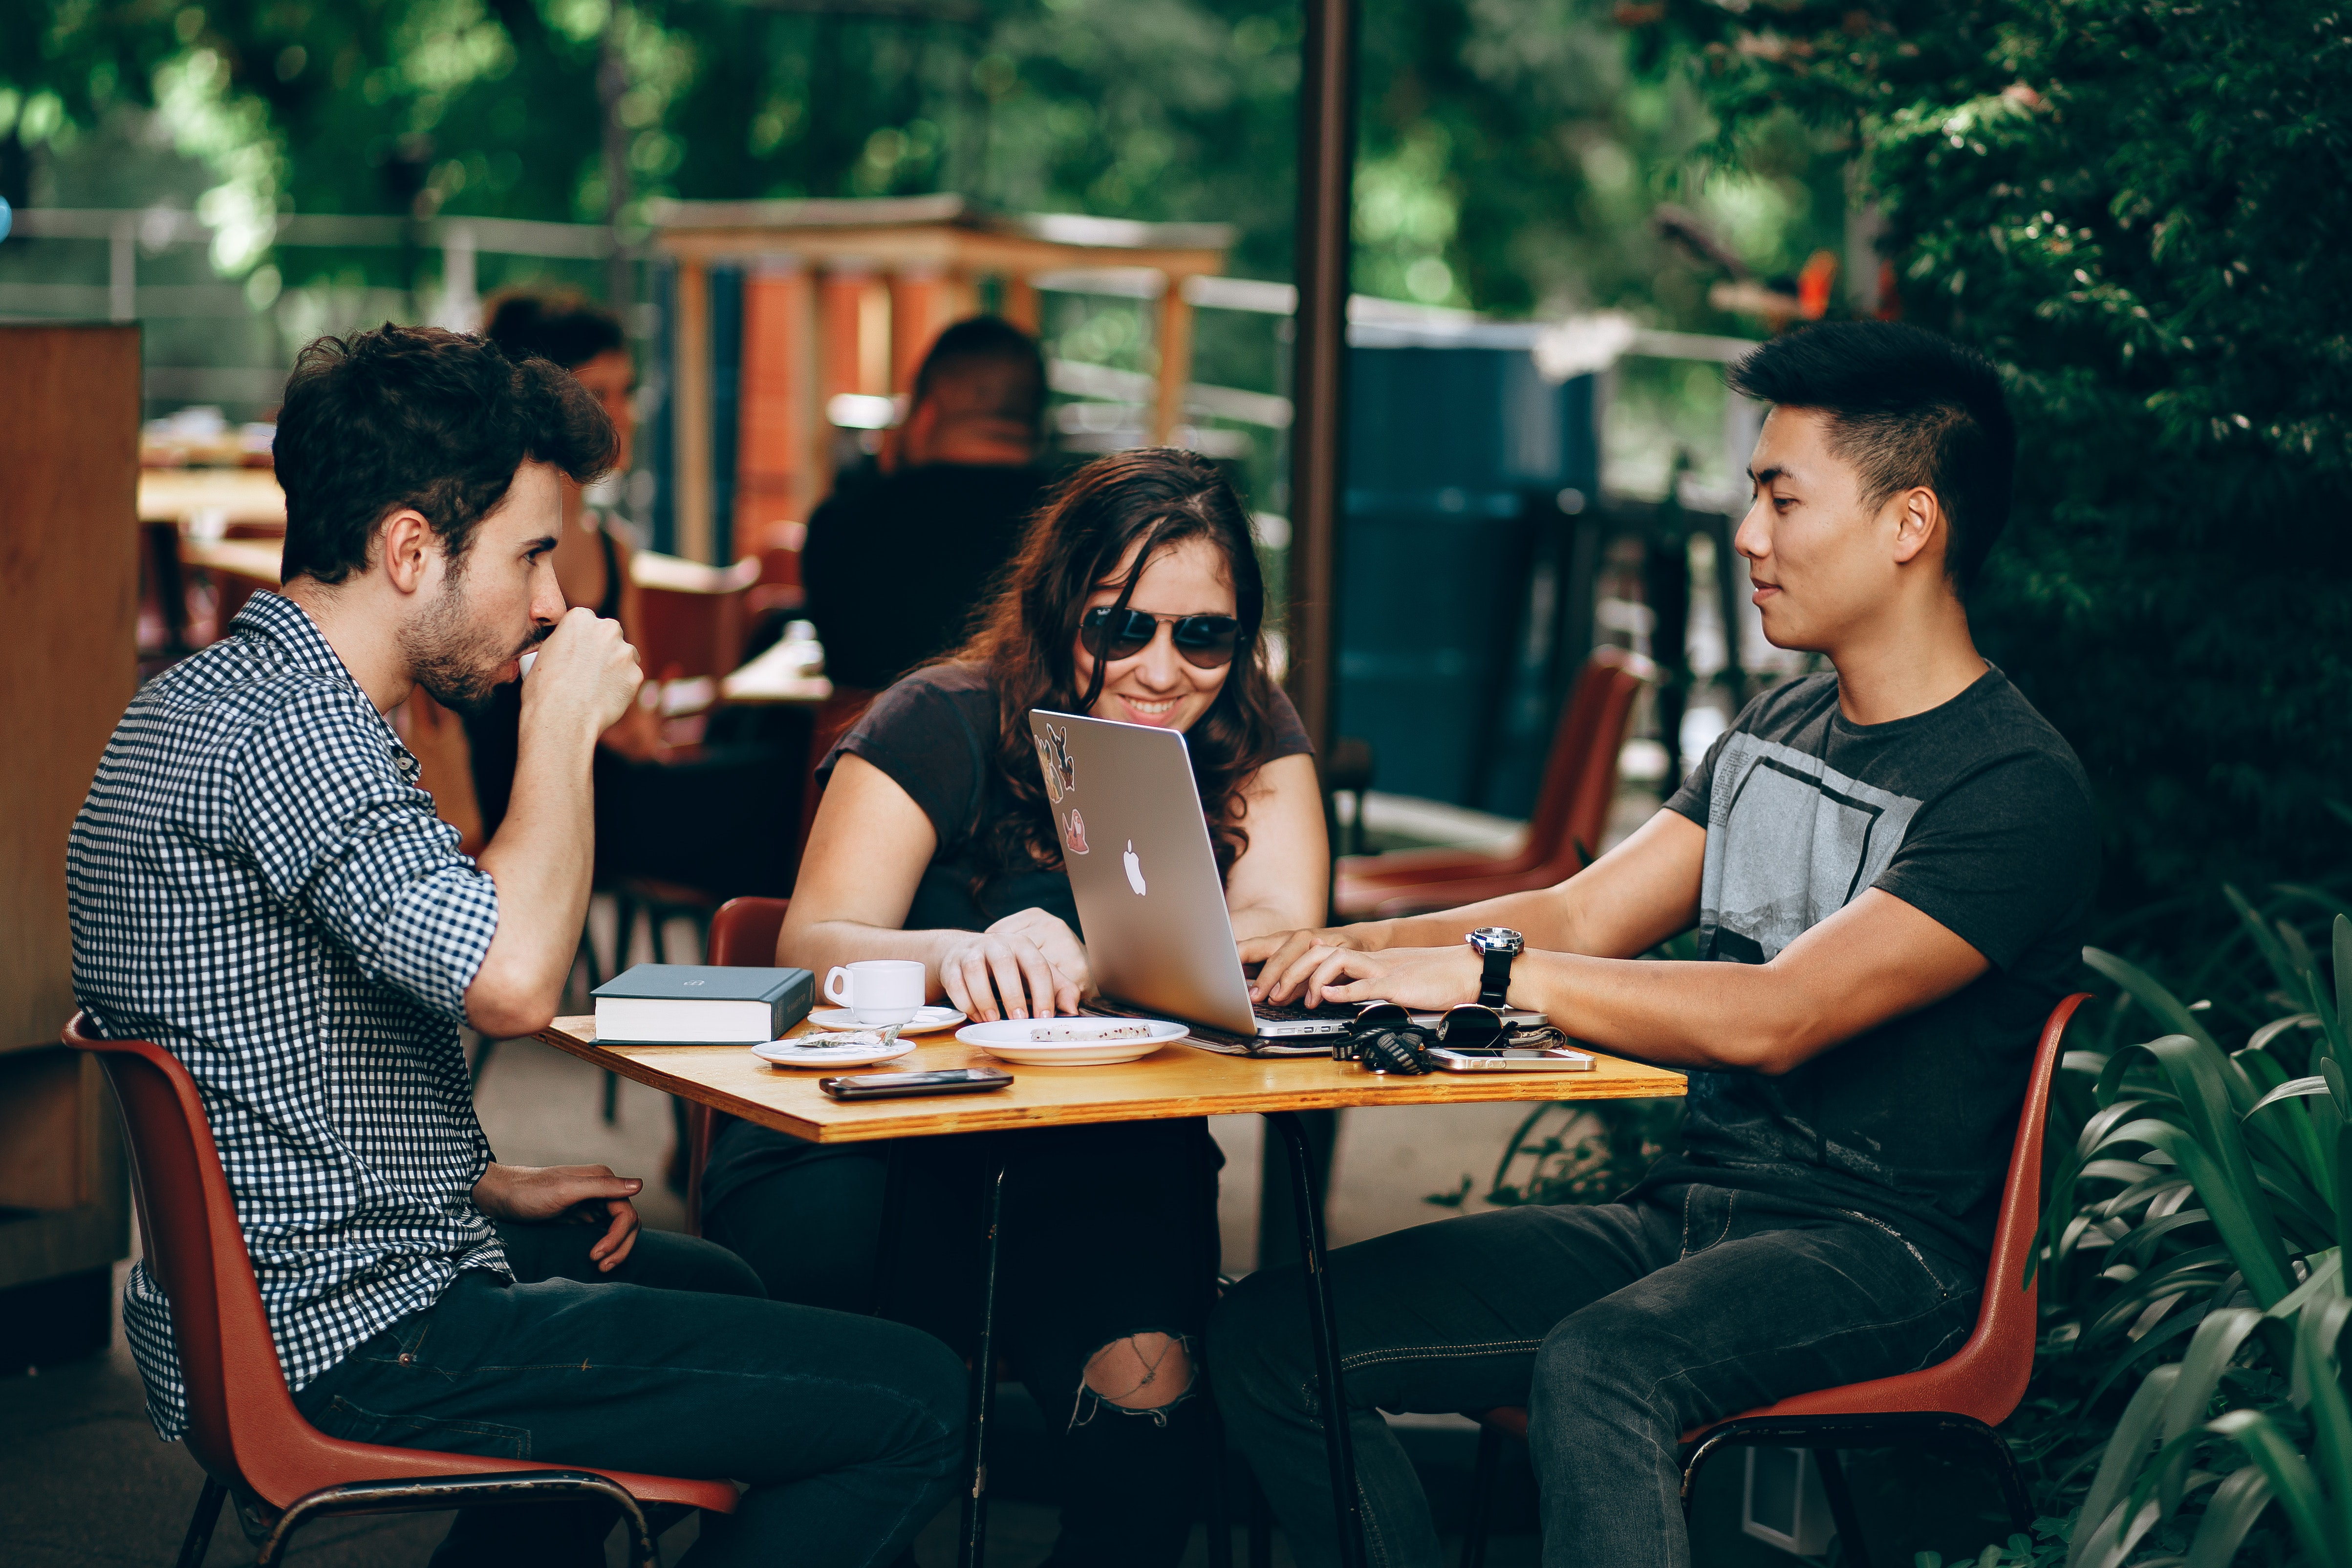 drei junge Leute am Tisch im Café